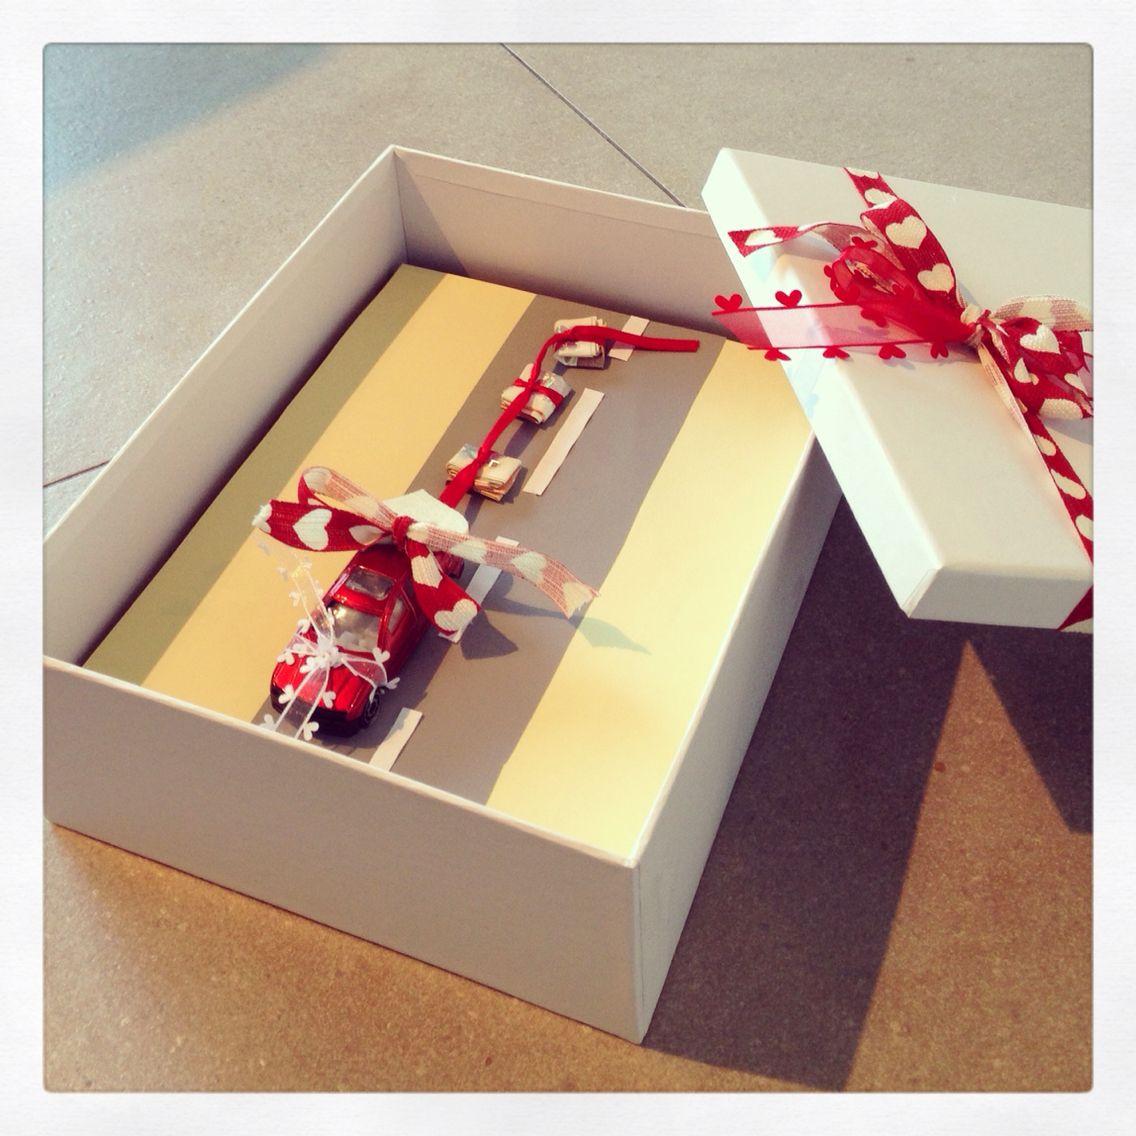 hochzeitsgeschenk geld f r flitterwochen money wedding present diy pinterest creativity. Black Bedroom Furniture Sets. Home Design Ideas